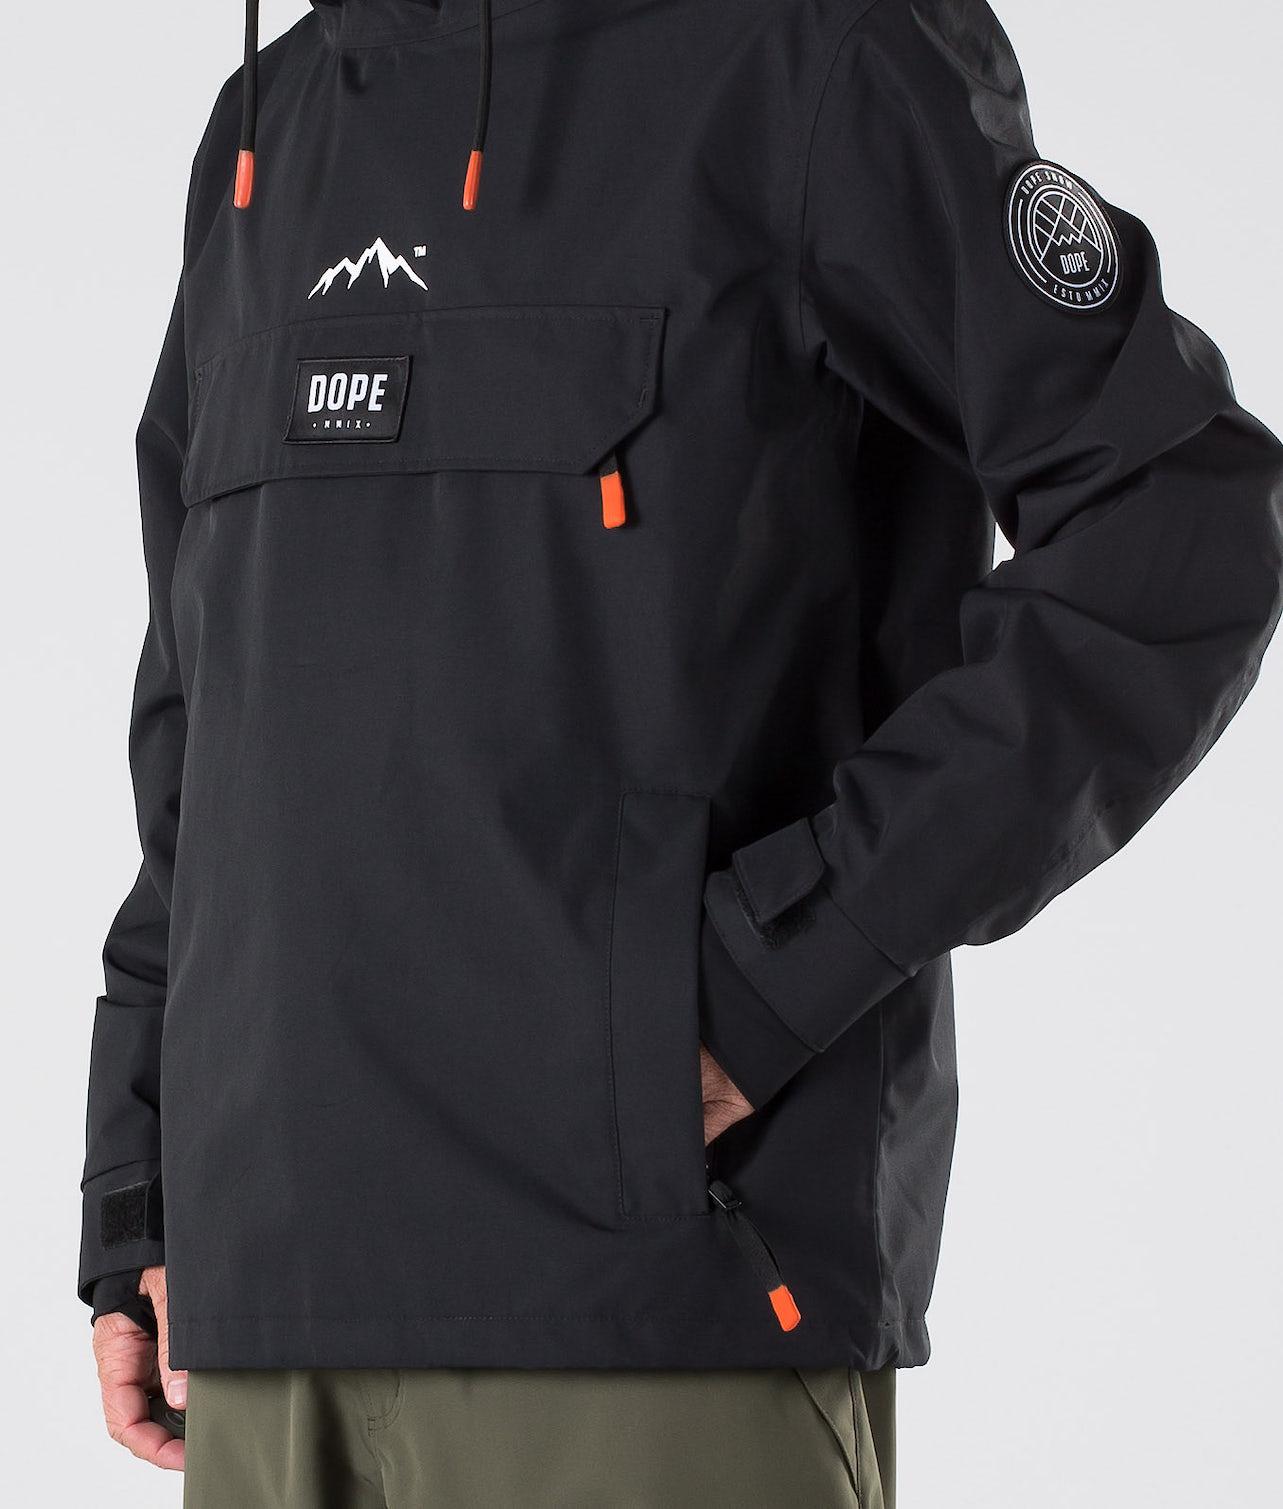 Kaufe Blizzard Snowboardjacke von Dope bei Ridestore.de - Kostenloser, schneller Versand & Rückversand.